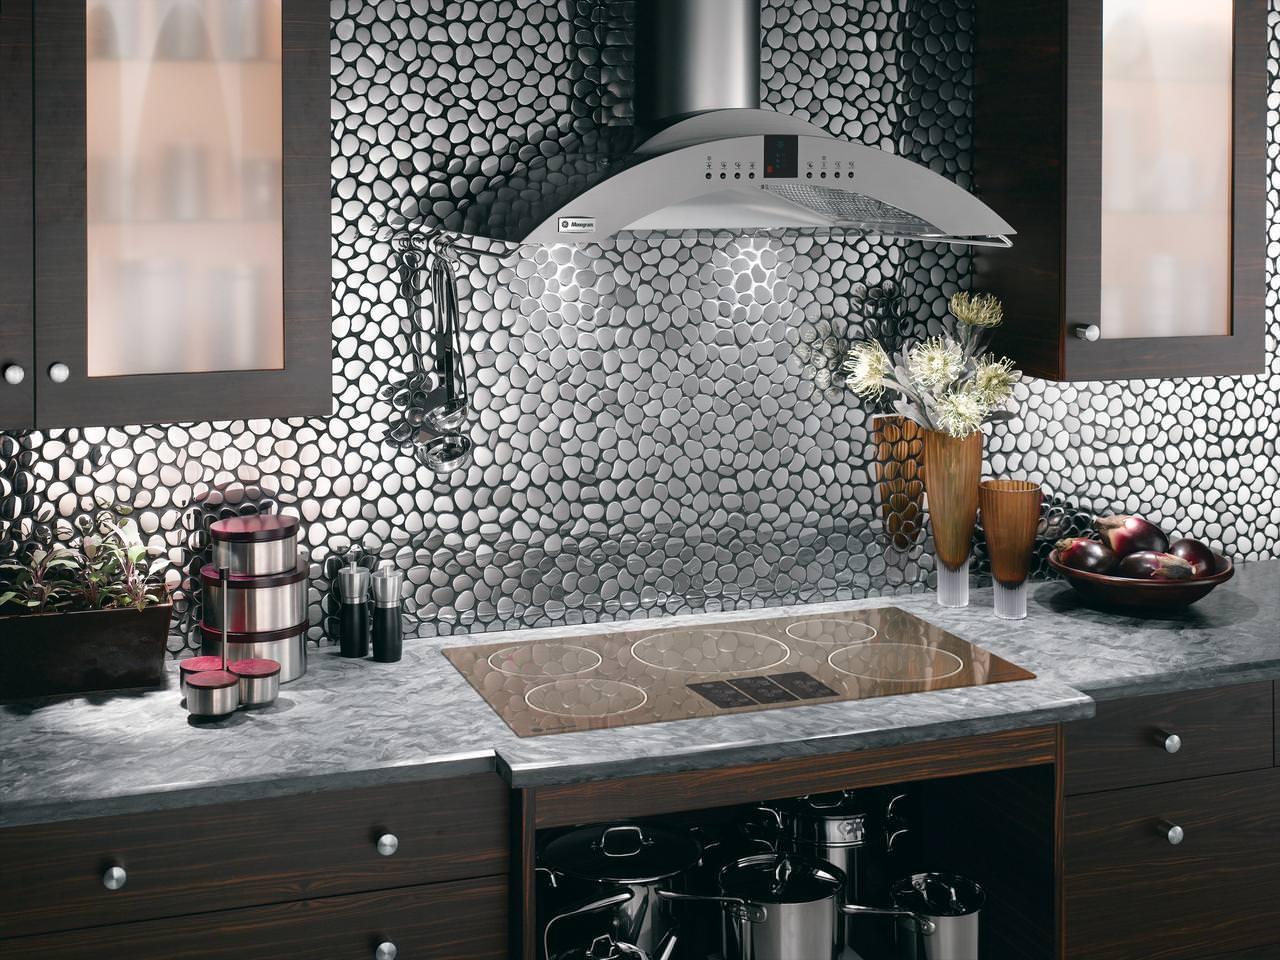 صورة تنظيف جدران المطبخ من الدهون , تعرف على اسهل طريقة لتنظيف المطبخ من الدهون